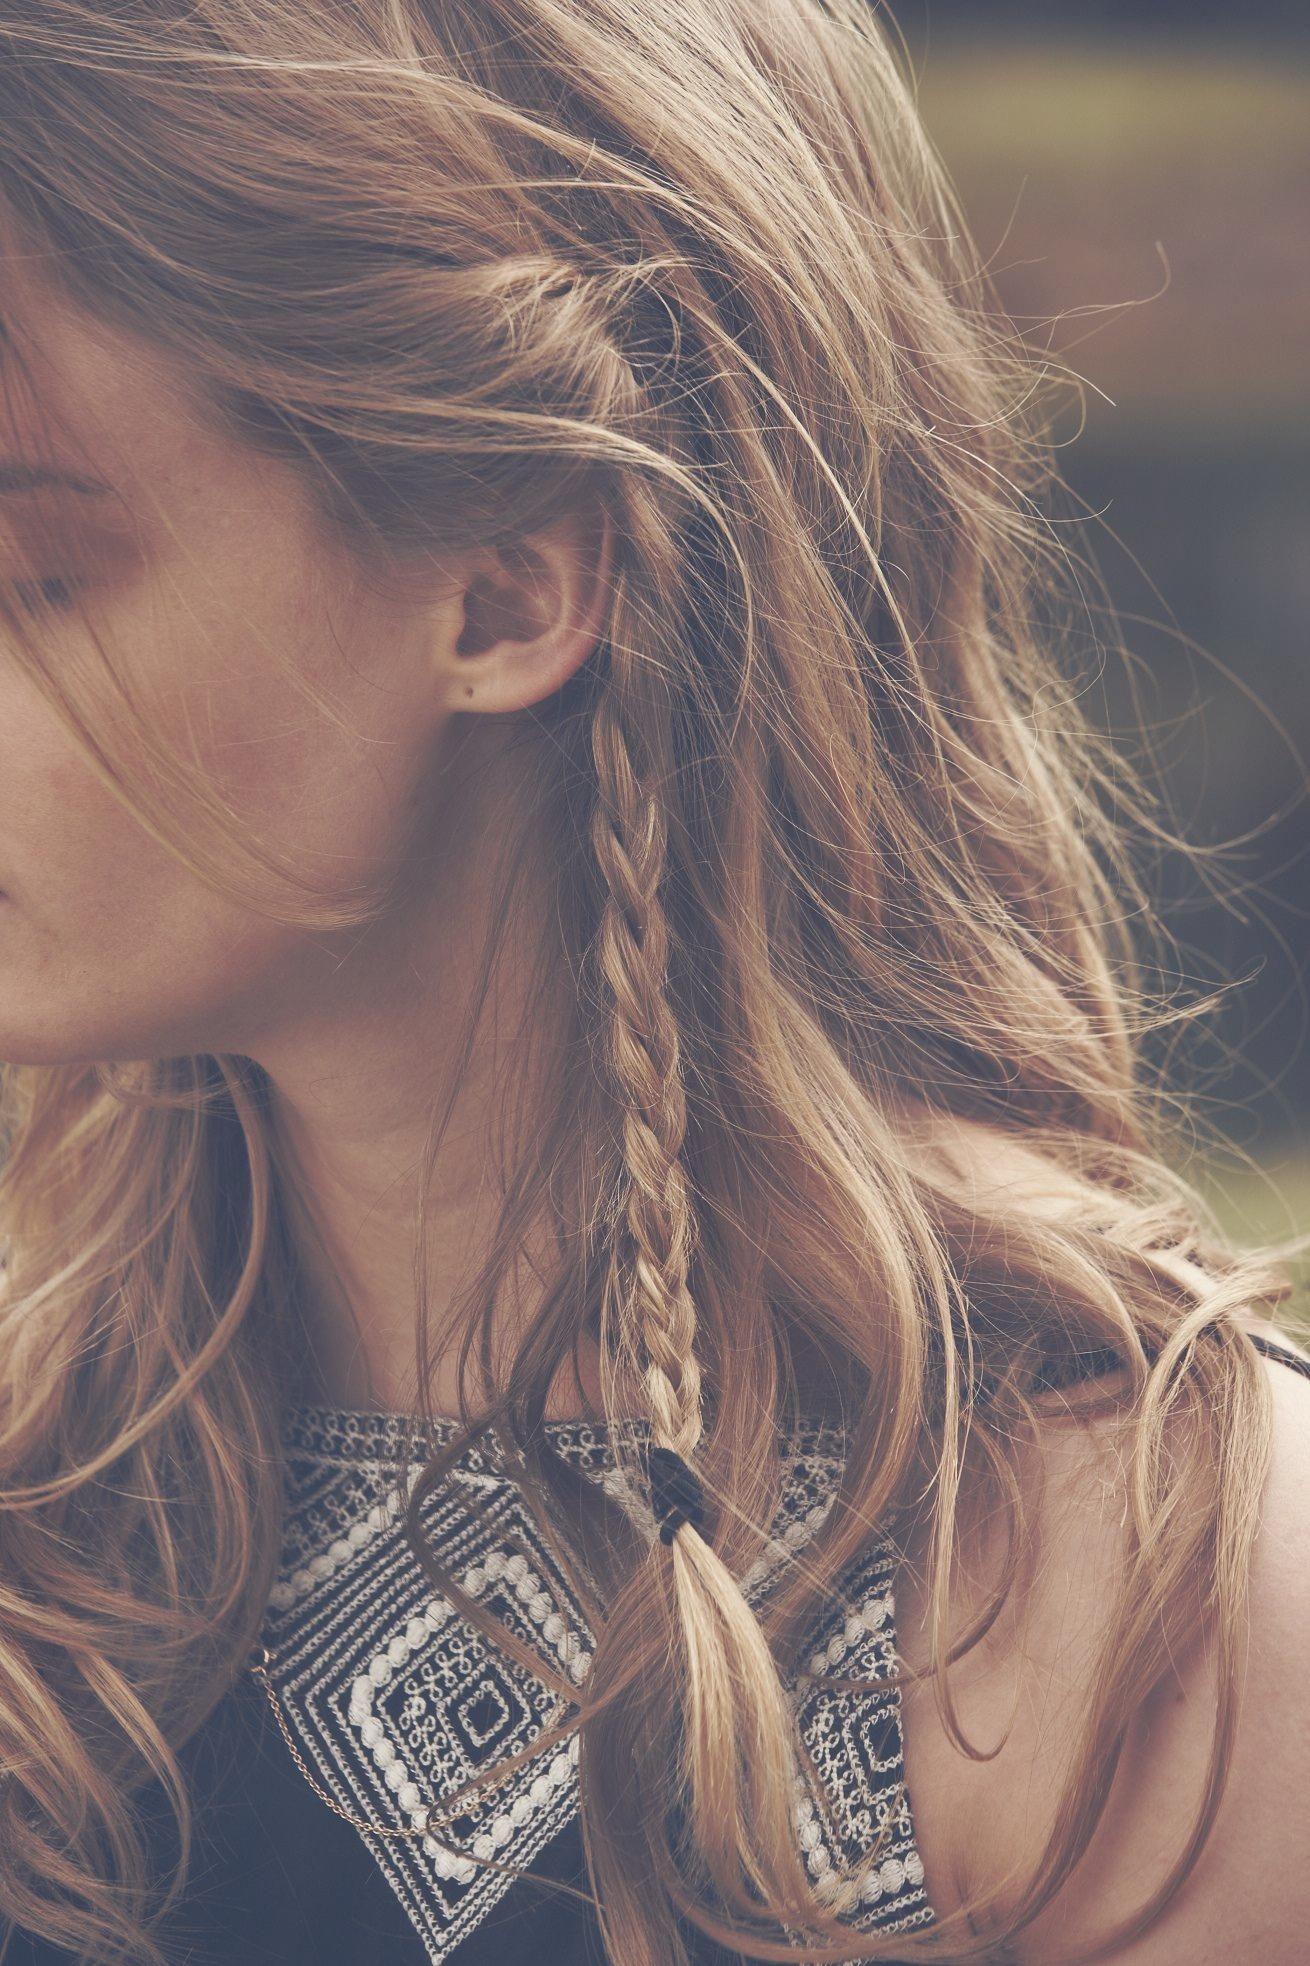 Forum on this topic: 20 Inspiring Beach Hair Ideas for Beautiful , 20-inspiring-beach-hair-ideas-for-beautiful/